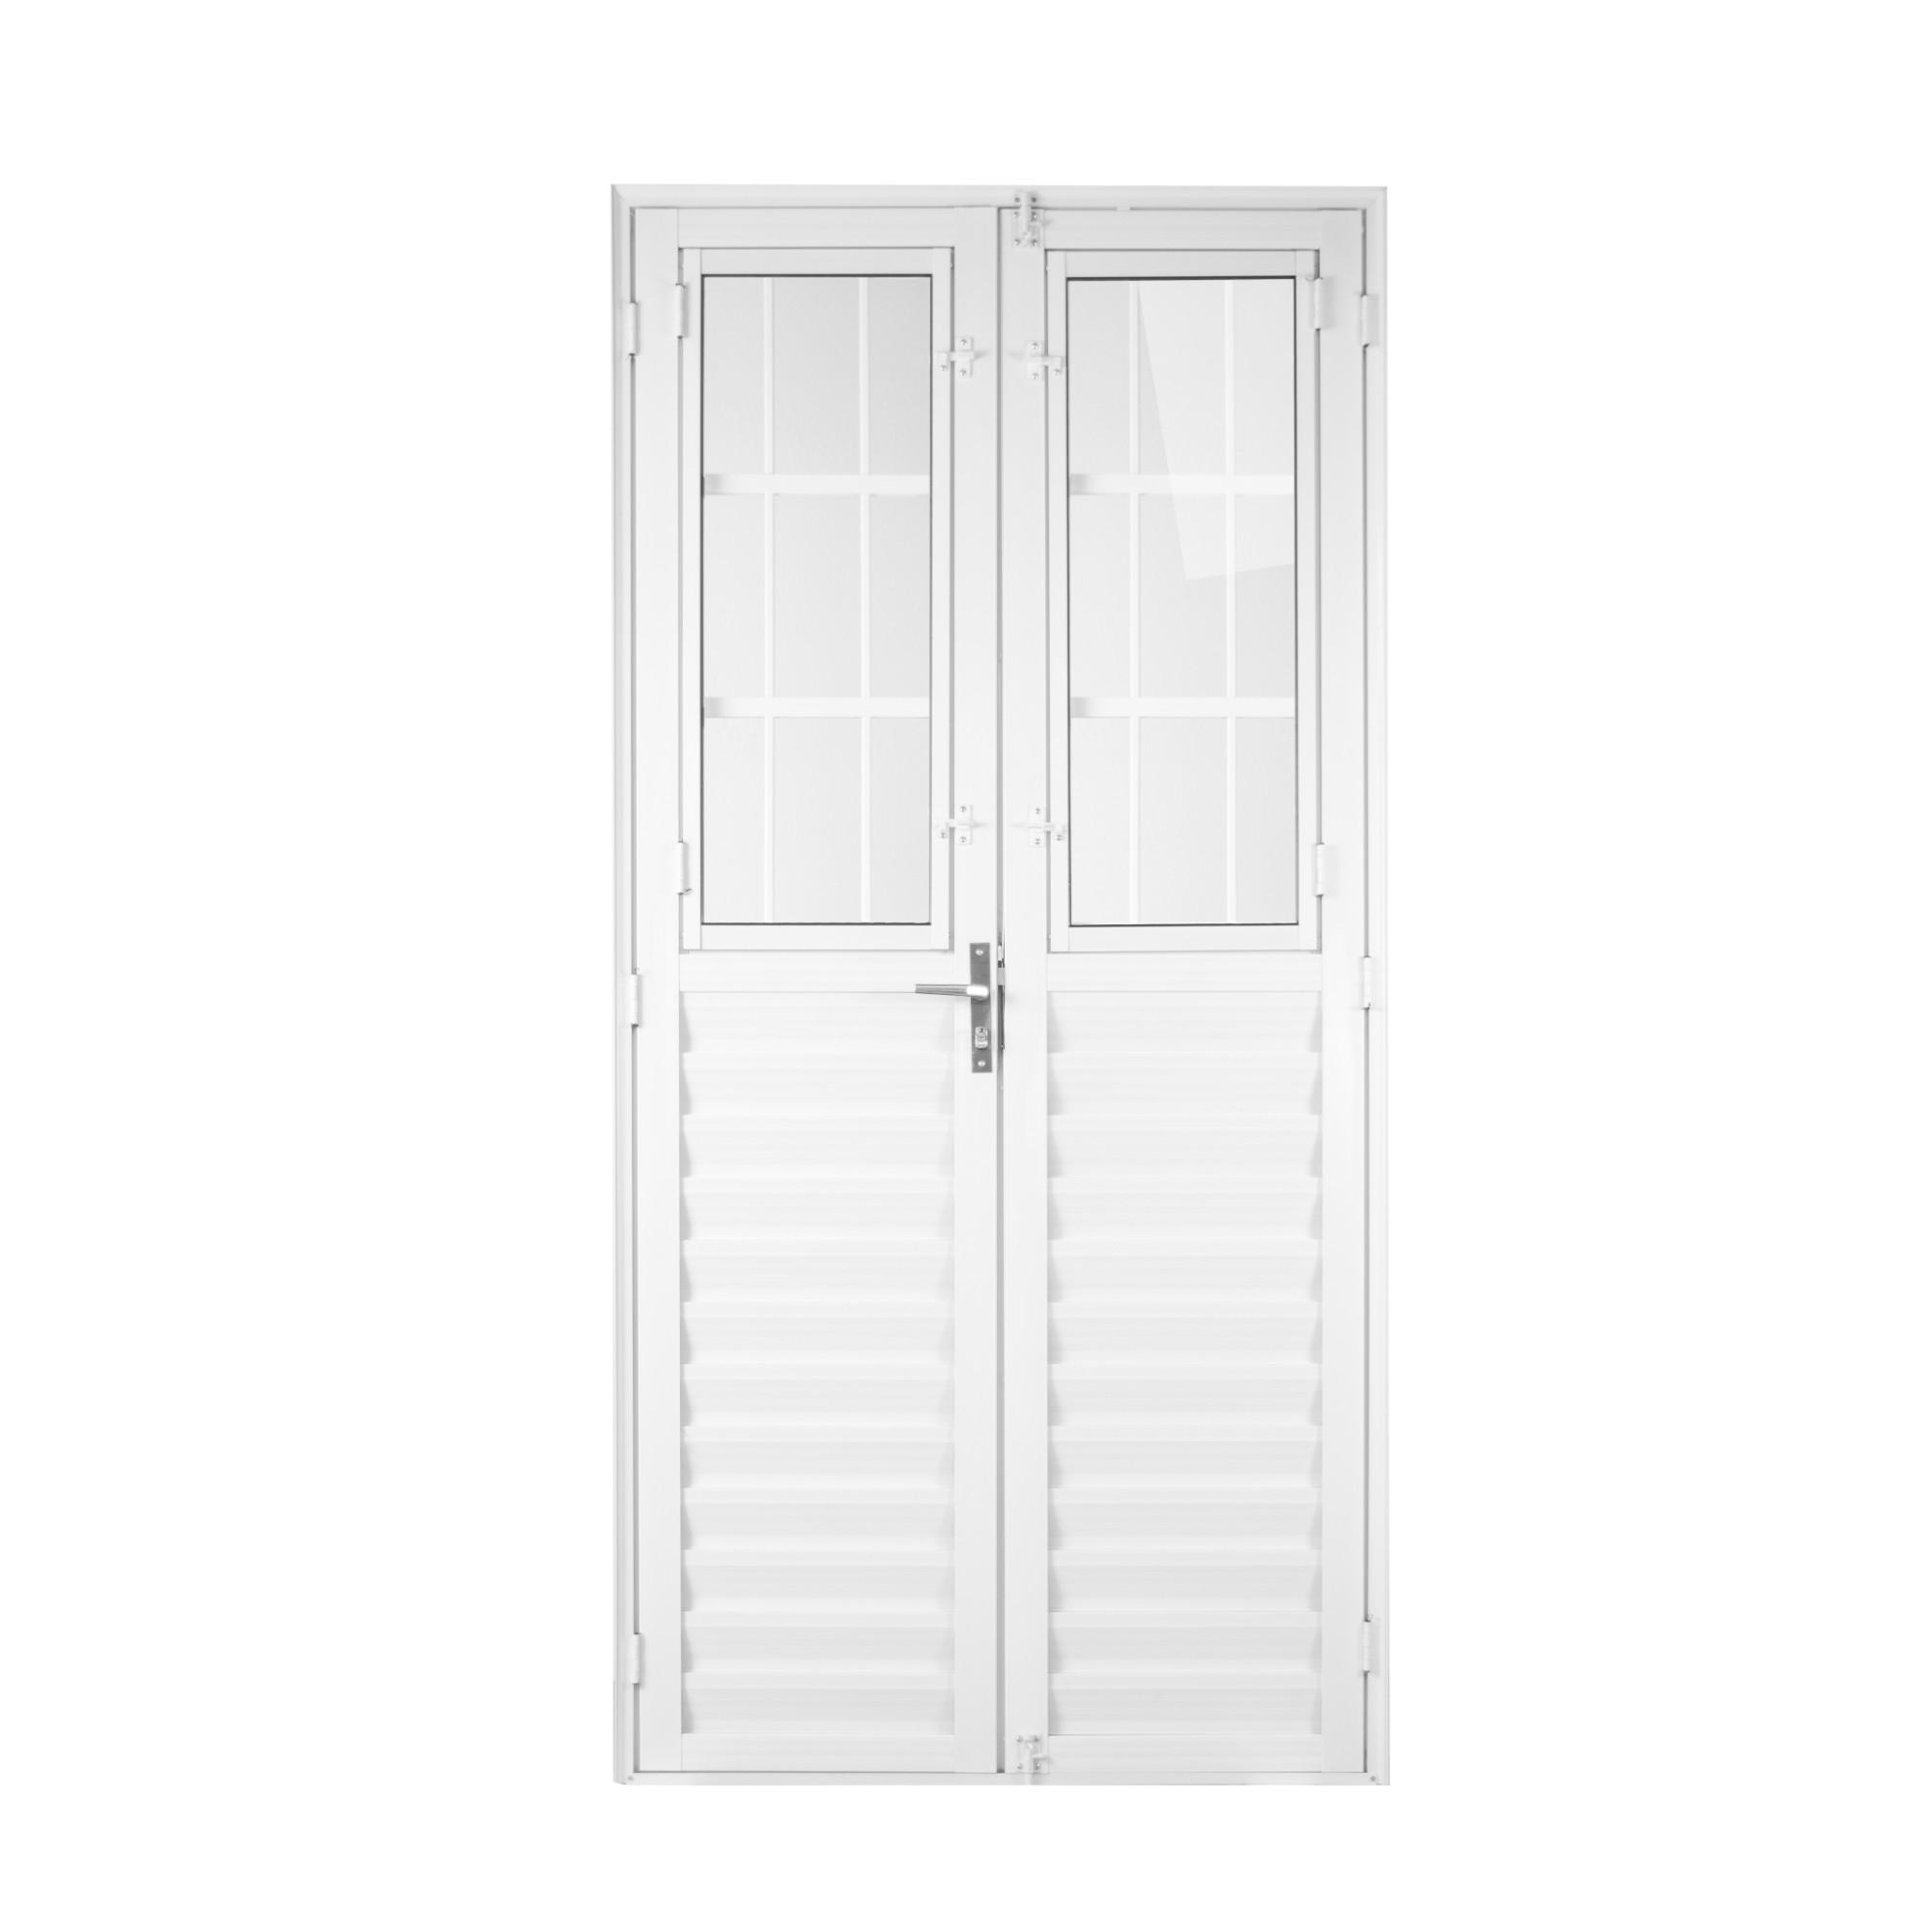 Porta de Abrir de Aluminio Postigo 2 Folhas 210 x 100 cm Branca - 31224 - Aluvid